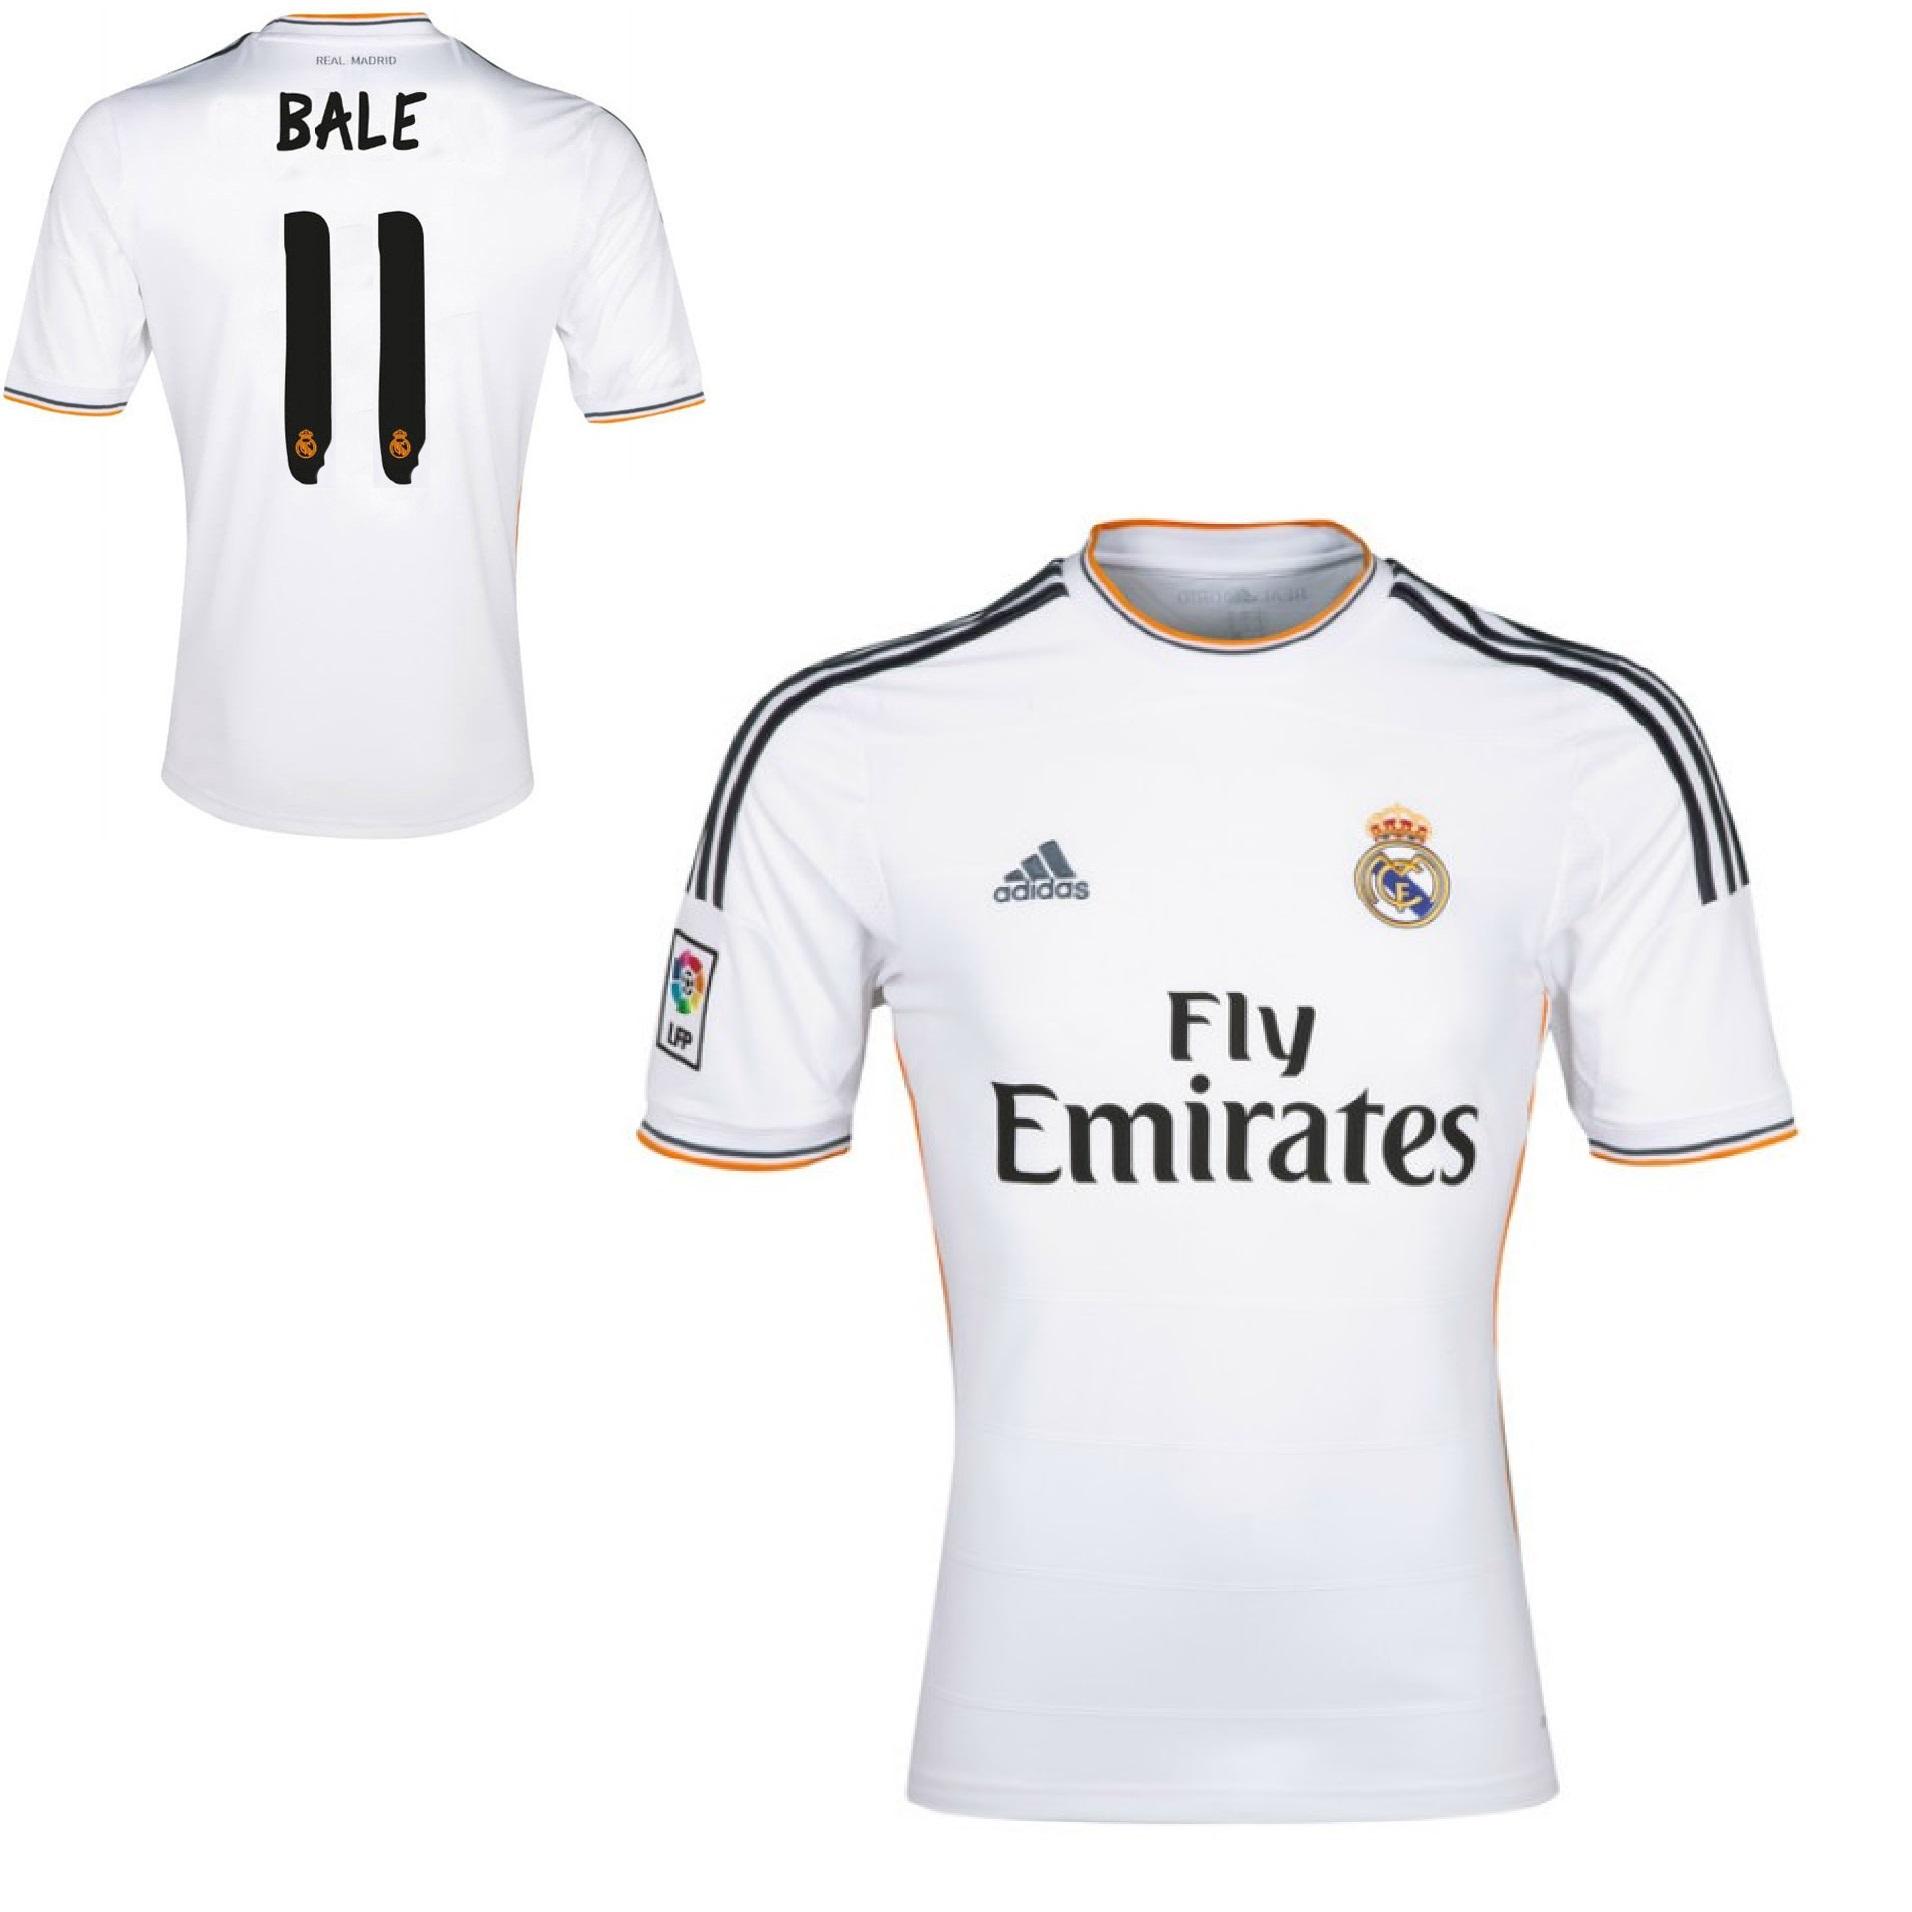 Bale Real Madrid Trikot